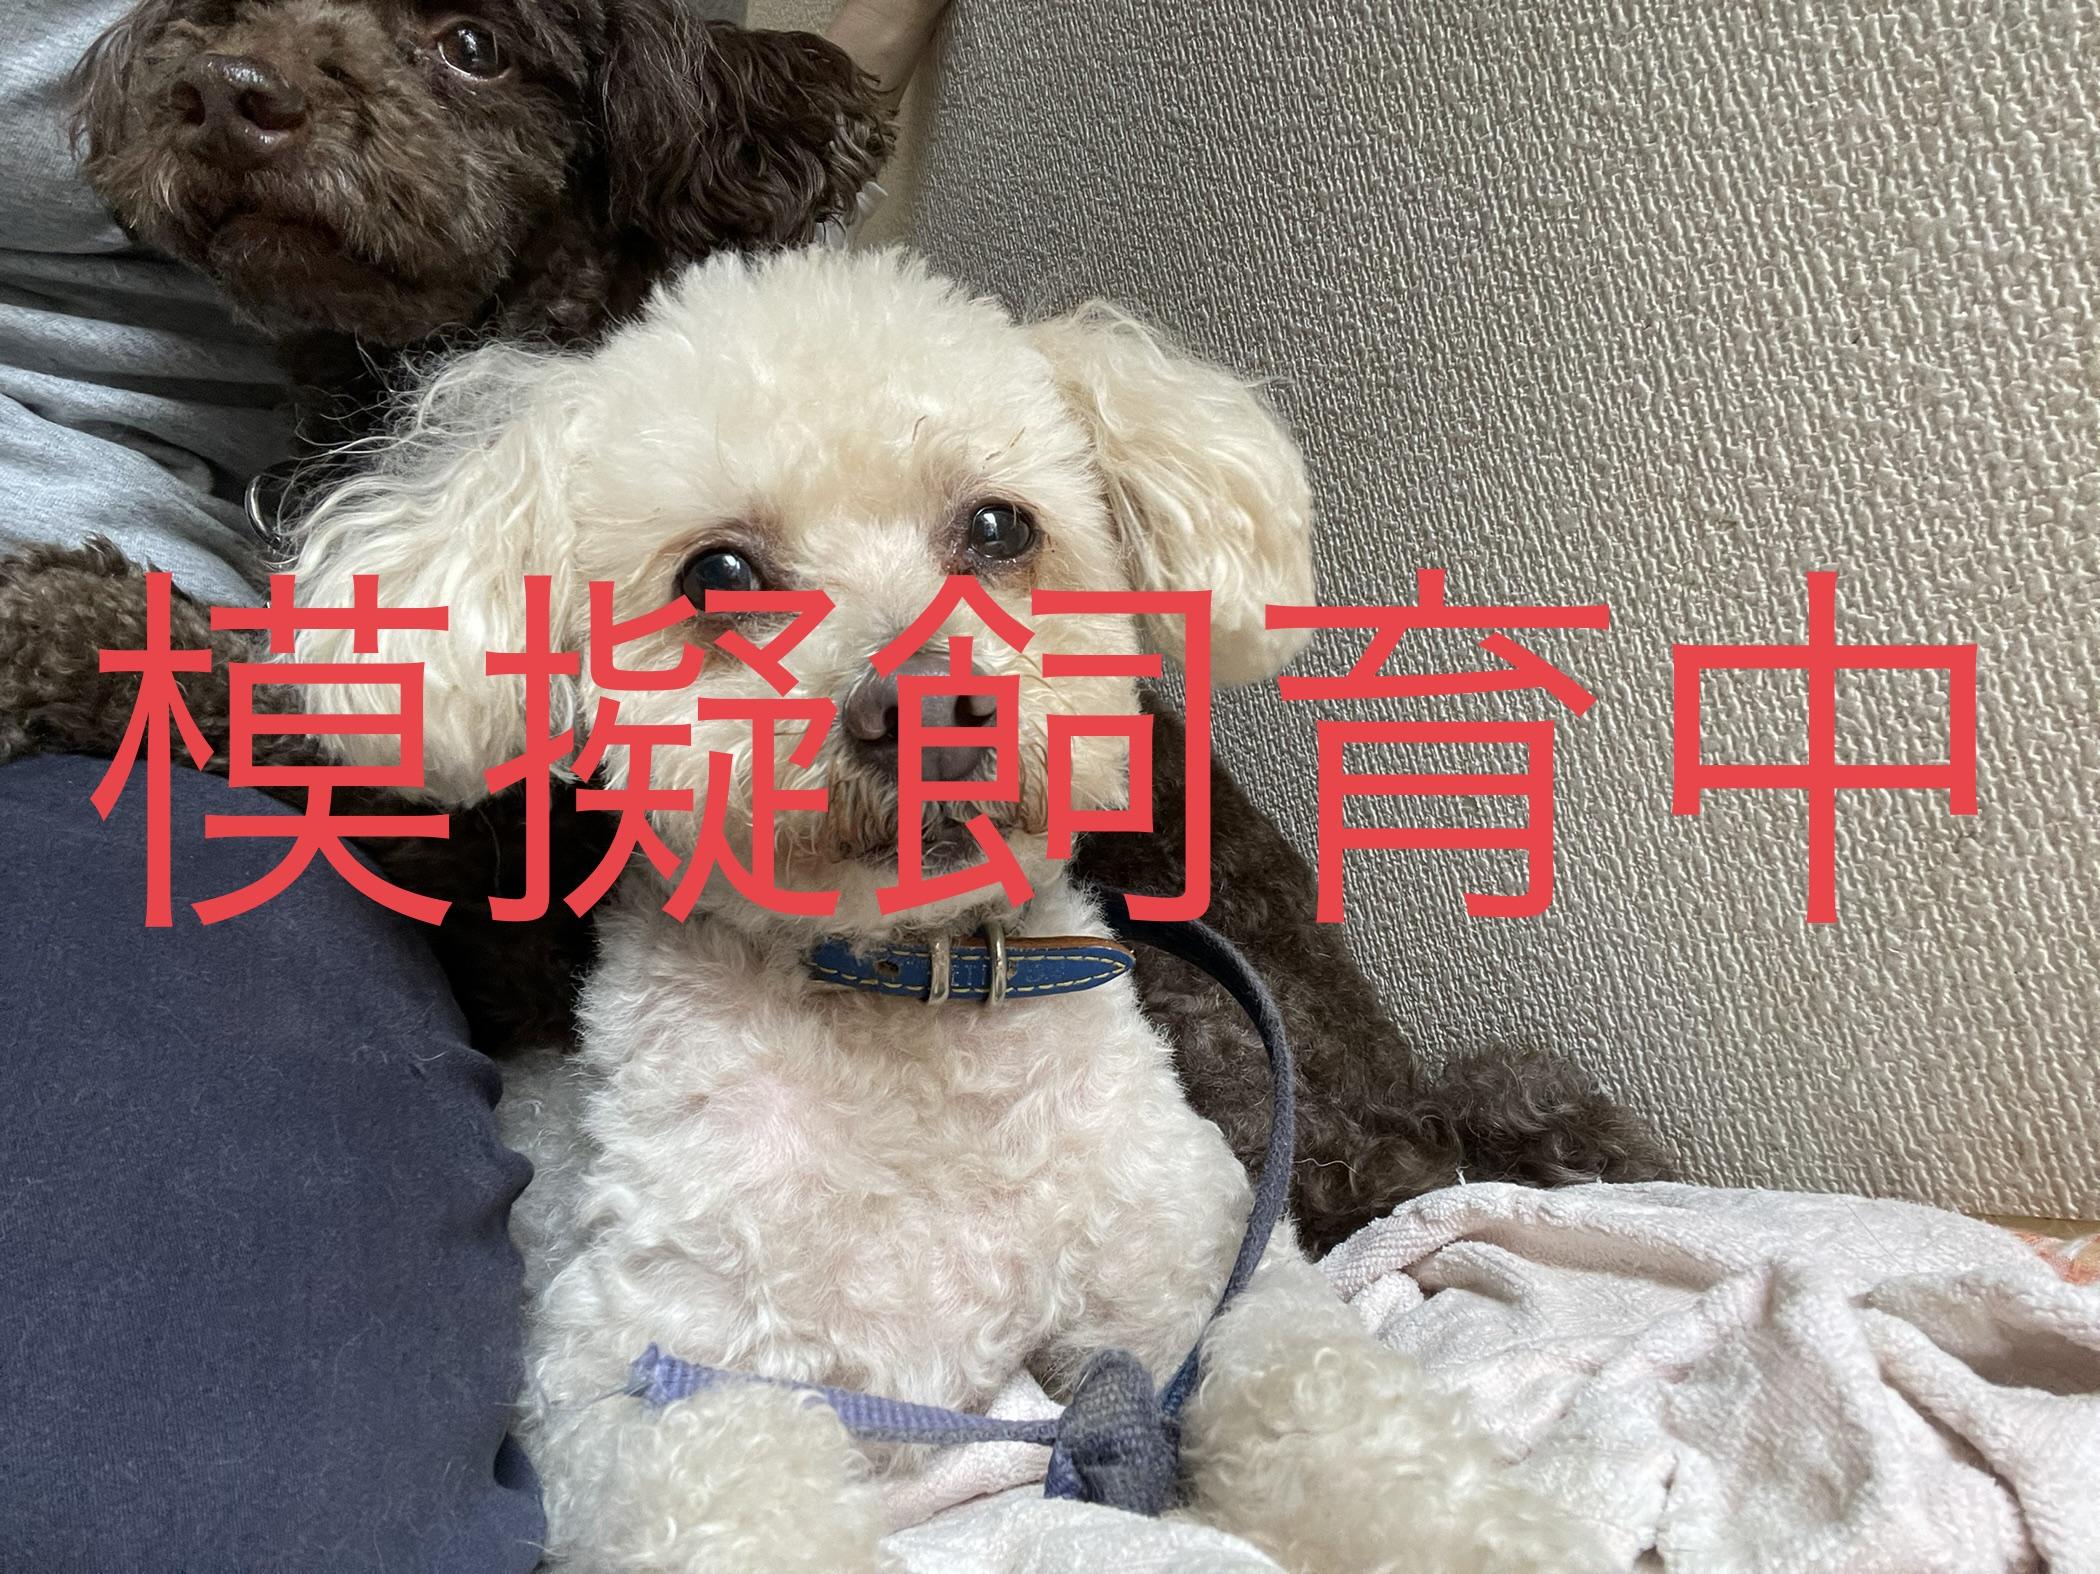 <ul> <li>犬種:プードル</li> <li>性別:男の子</li> <li>名前:しおん</li> <li>年齢:推定年齢9~10歳</li> <li>保護経緯:飼い主様が亡くなられたため飼育困難になり引き取りました</li> </ul>